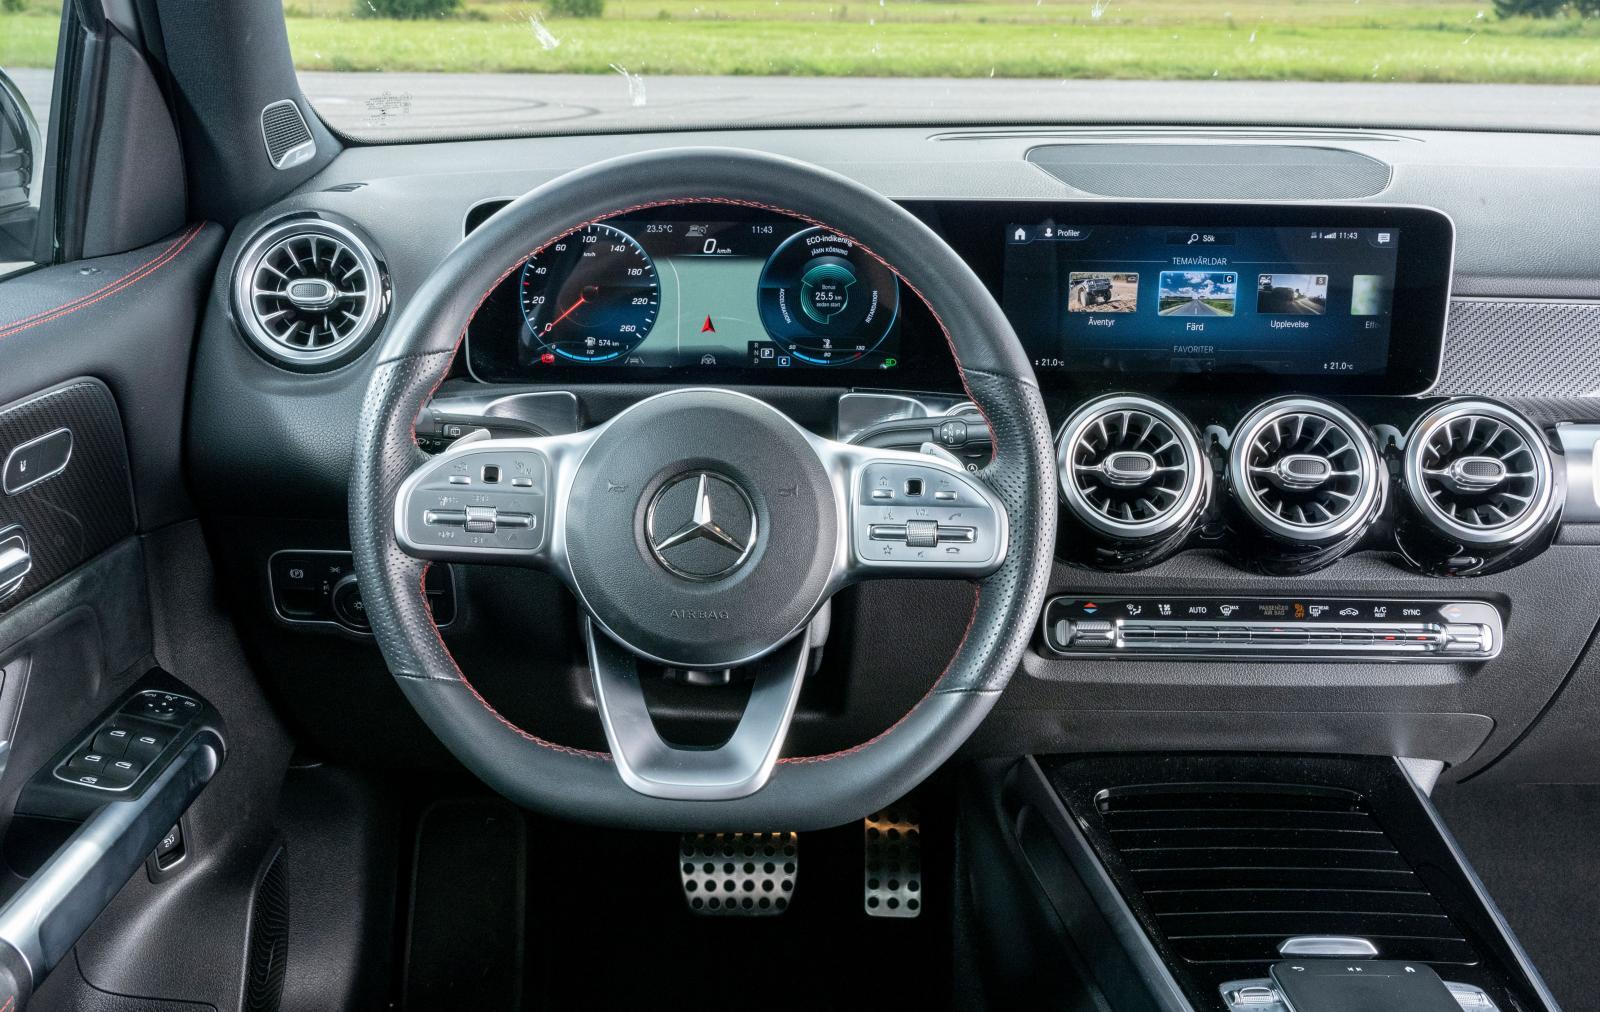 Mercedes: Gräll förarmiljö i testbilen, blankpaneler som ser ut som konfektyrpapper. Dörrsidorna knakar och flexar – noll Mercedeskänsla för halvmiljonen.